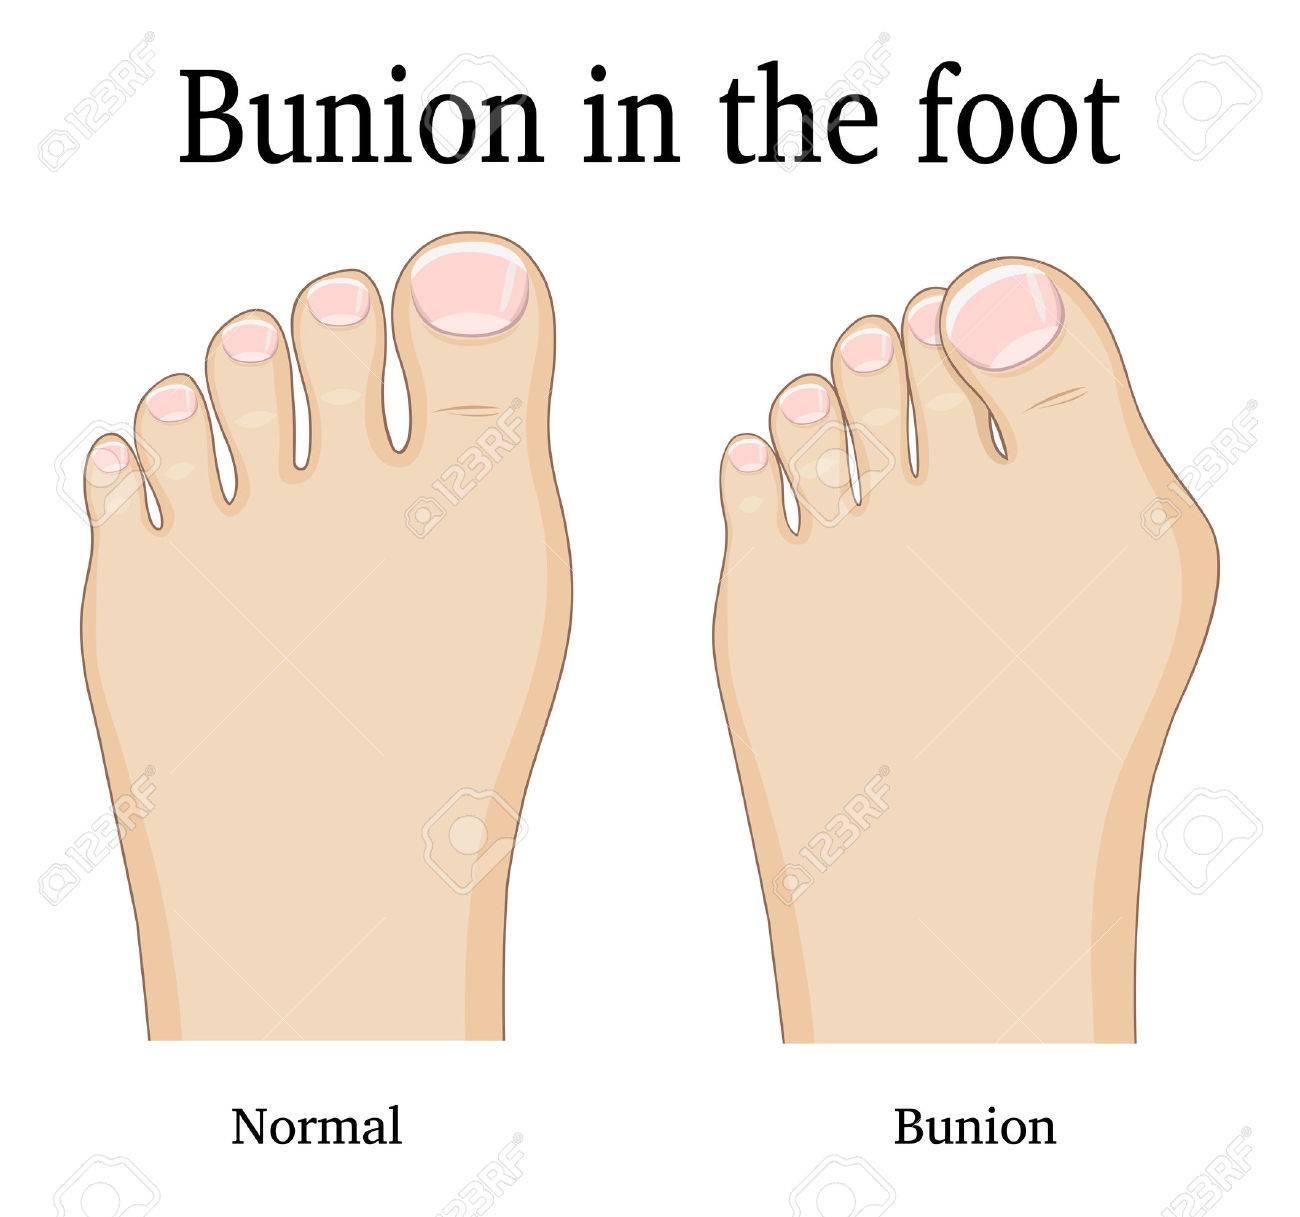 Comparison of a healthy foot and foot with hallux valgus deformity (Bunion). - 74633532